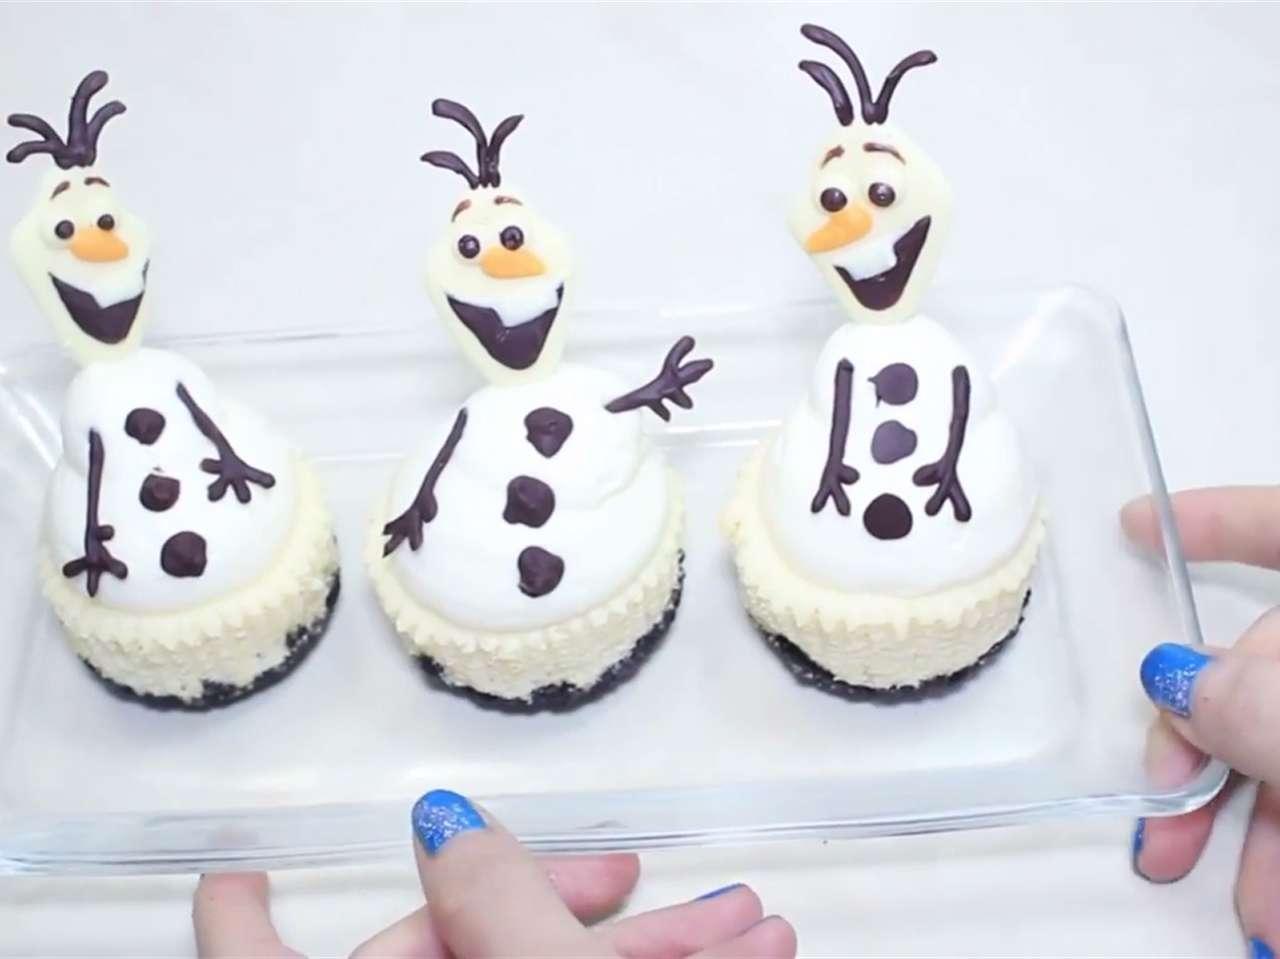 Prepara cupcakes en forma de muñeco de nieve de 'Frozen' Foto: Youtube/Miranda Ibanez